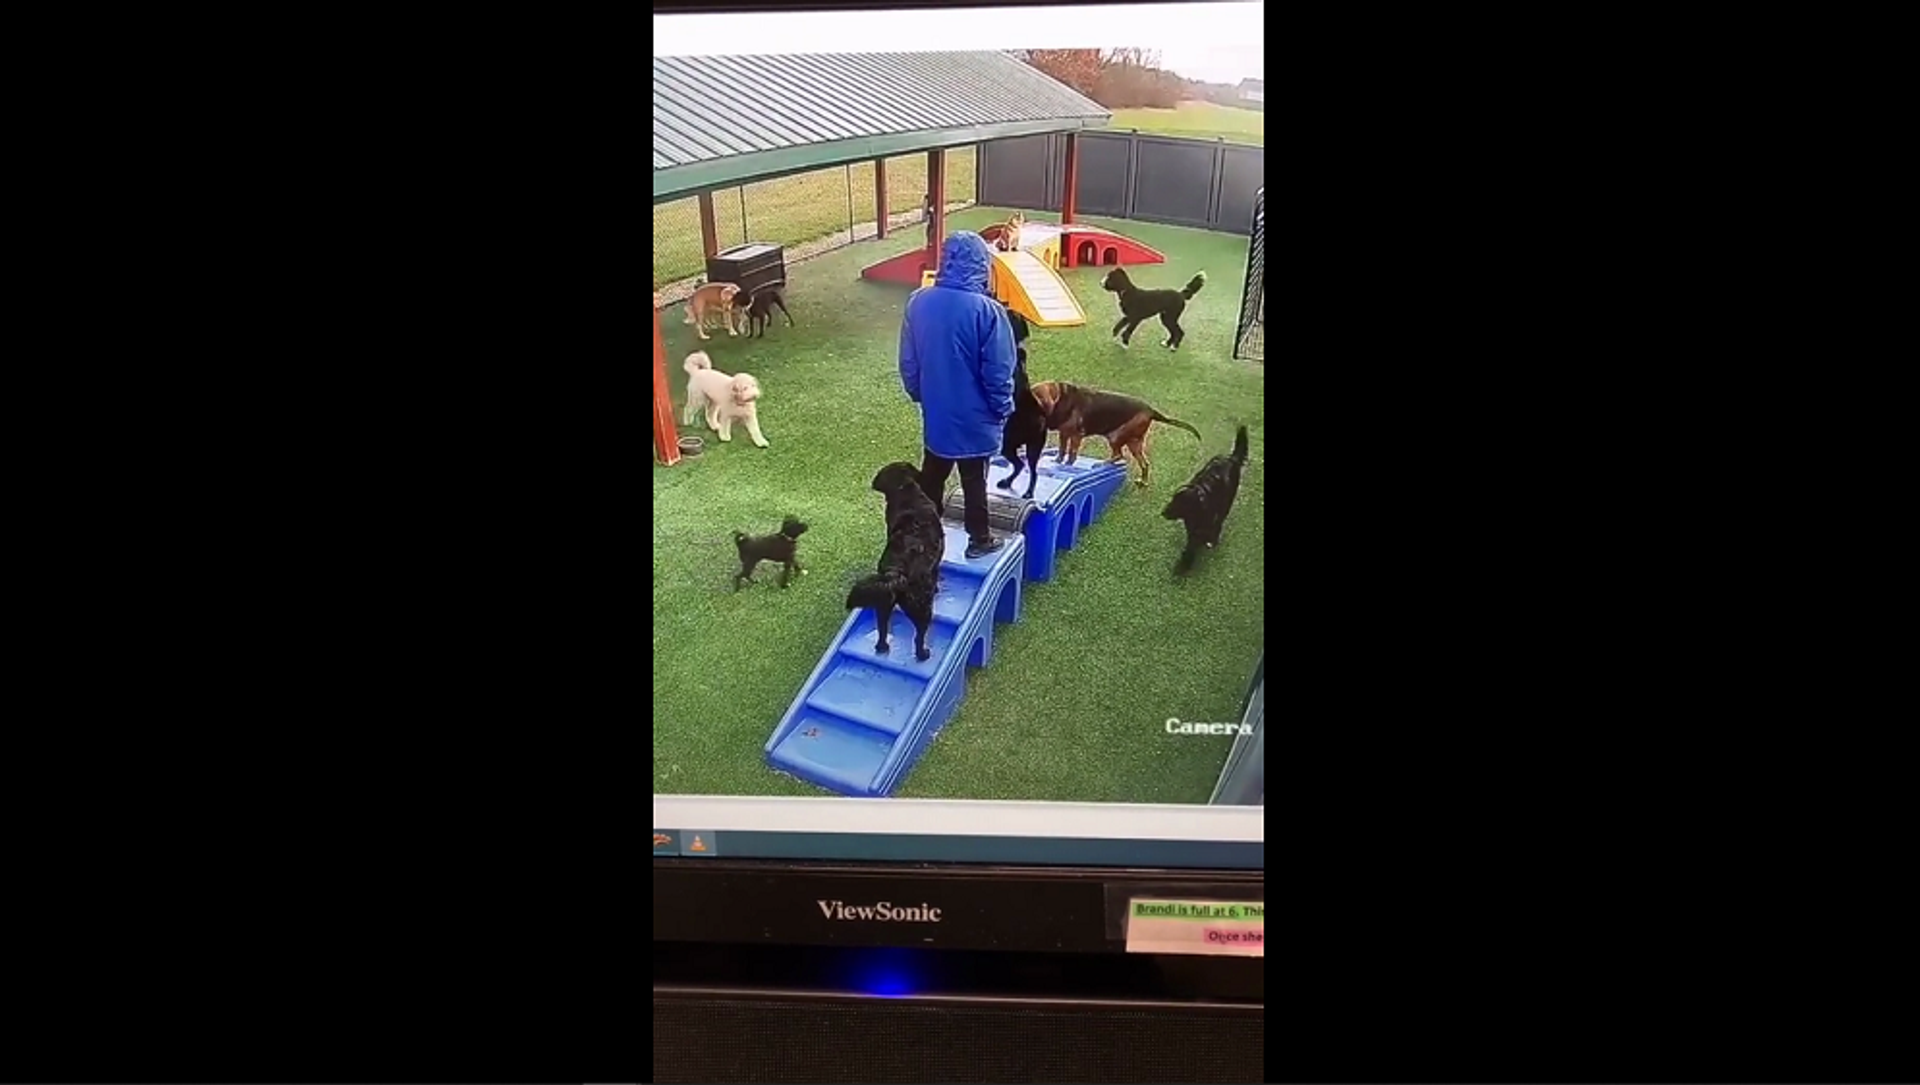 Слаженная работа: собаки сообща сбили хозяина с ног, чтобы его зацеловать – забавное видео - Sputnik Грузия, 1920, 15.06.2021